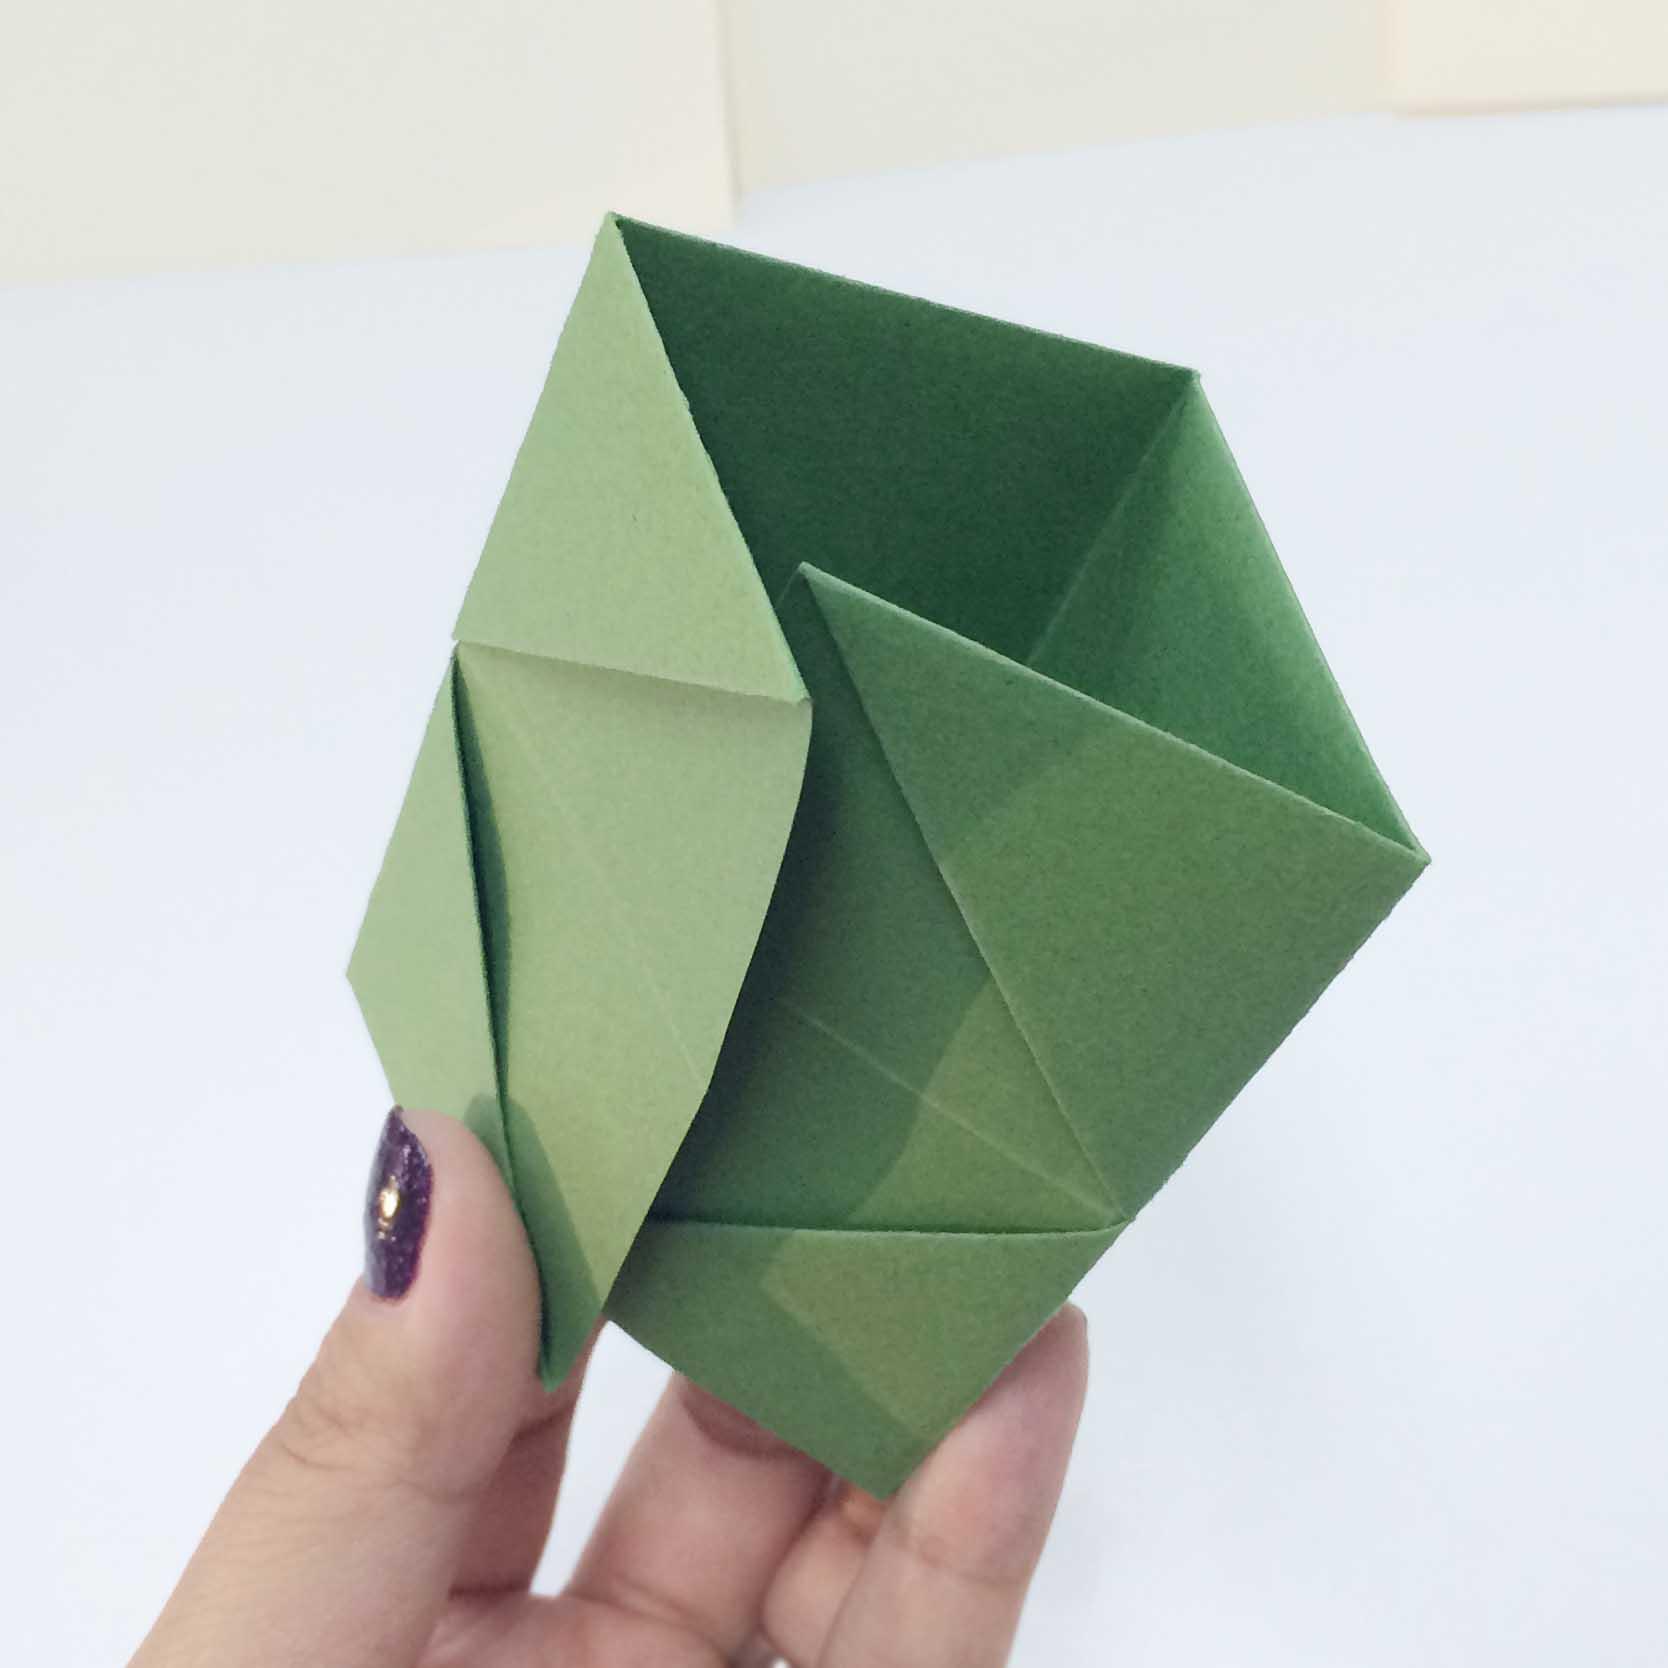 沿著折痕折成一個三角形的樣子△